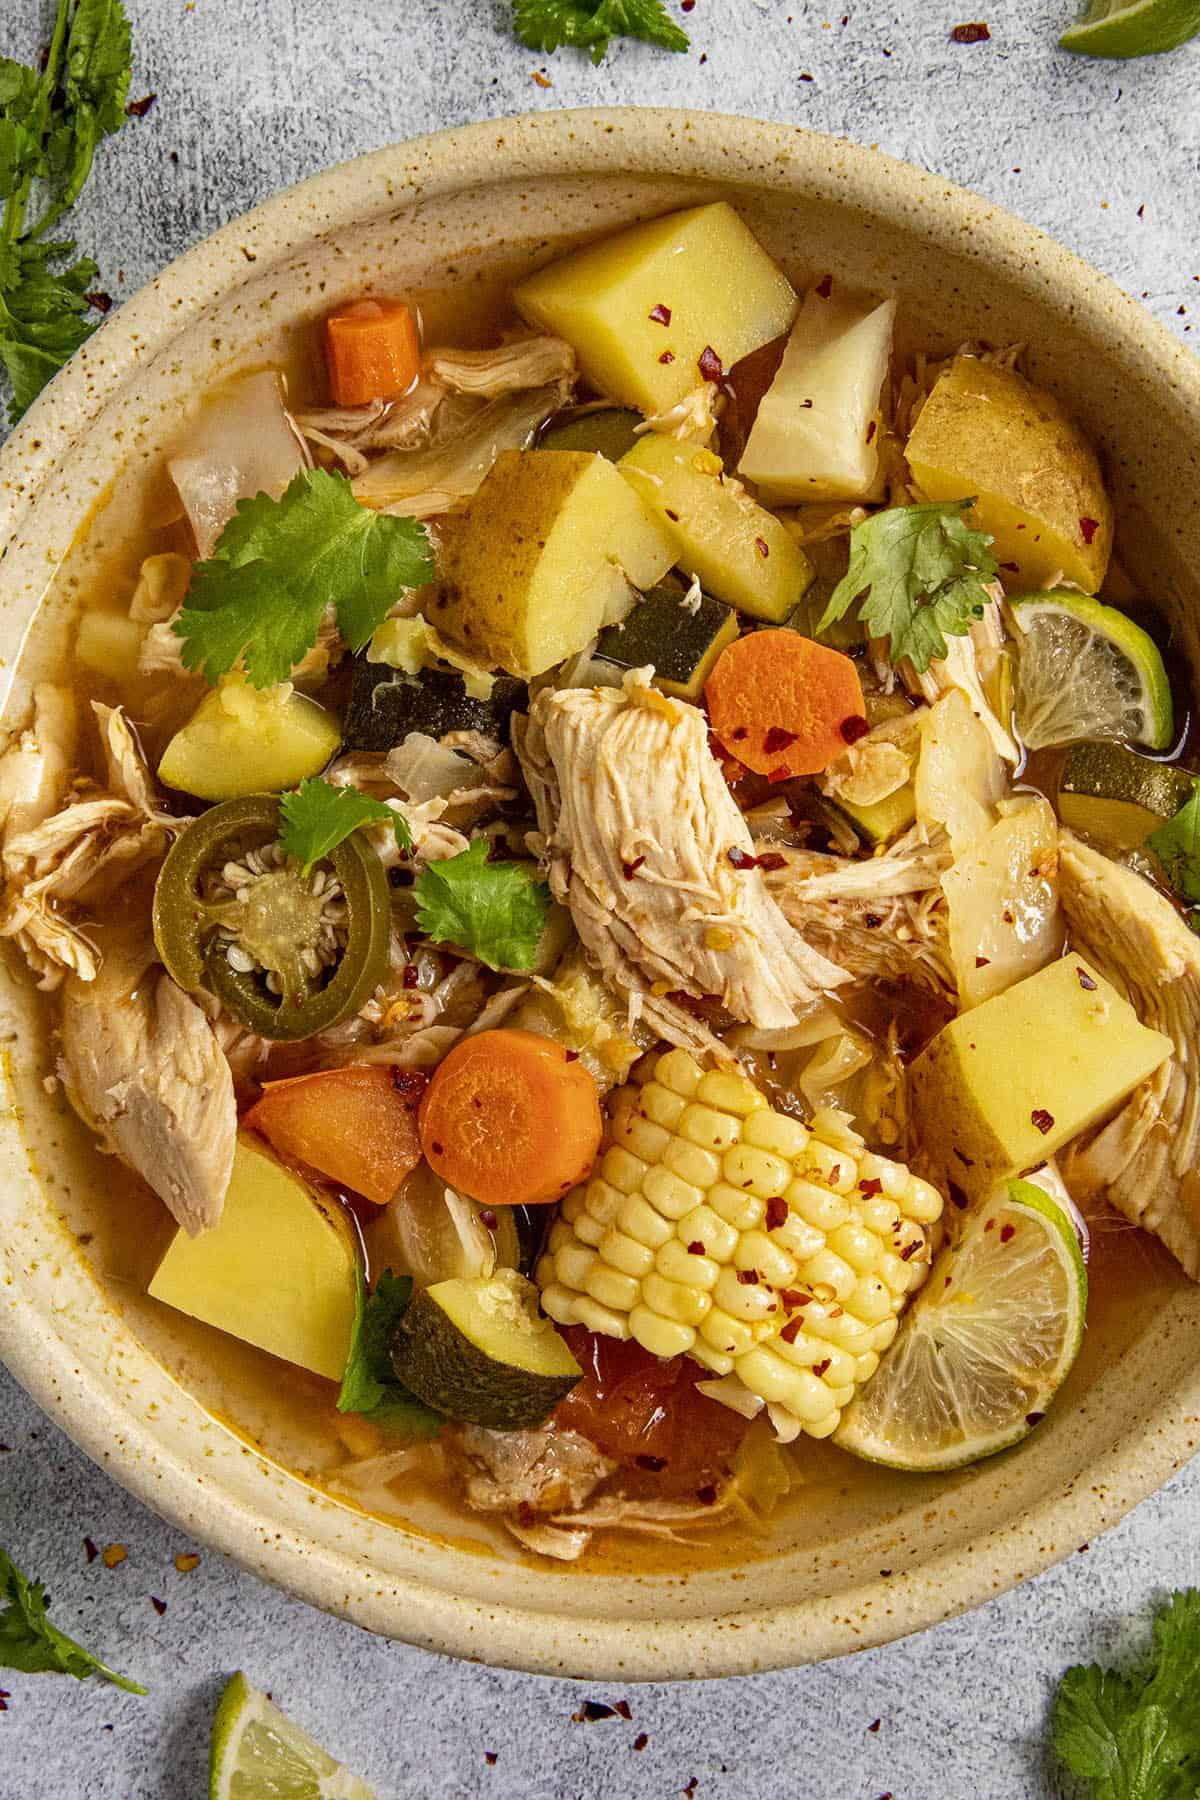 Caldo de Pollo in a bowl